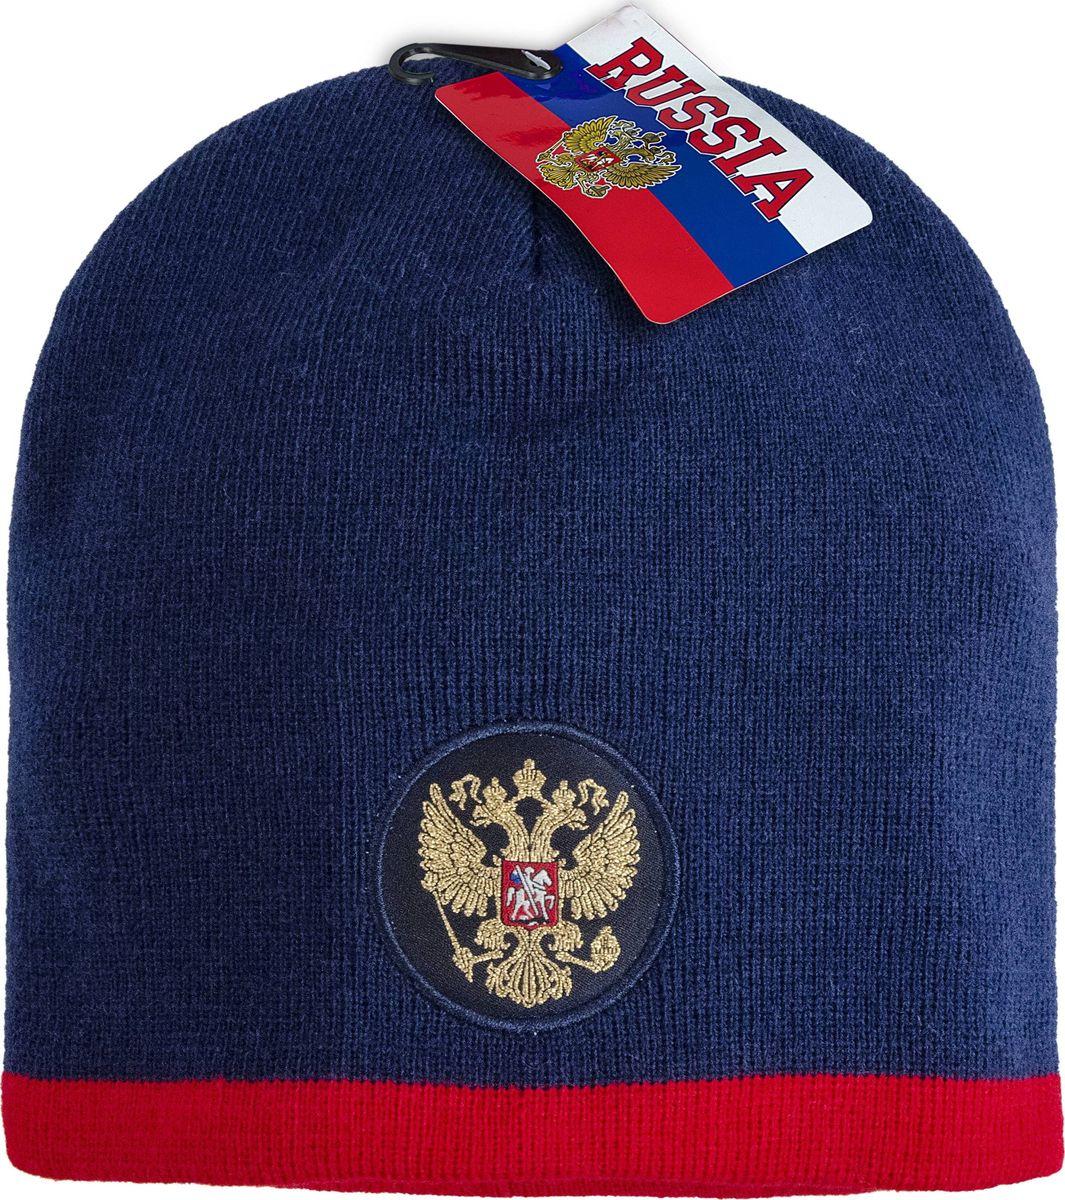 Шапка мужская Atributika & Club Россия, цвет: синий, красный. 11324. Размер 55/58